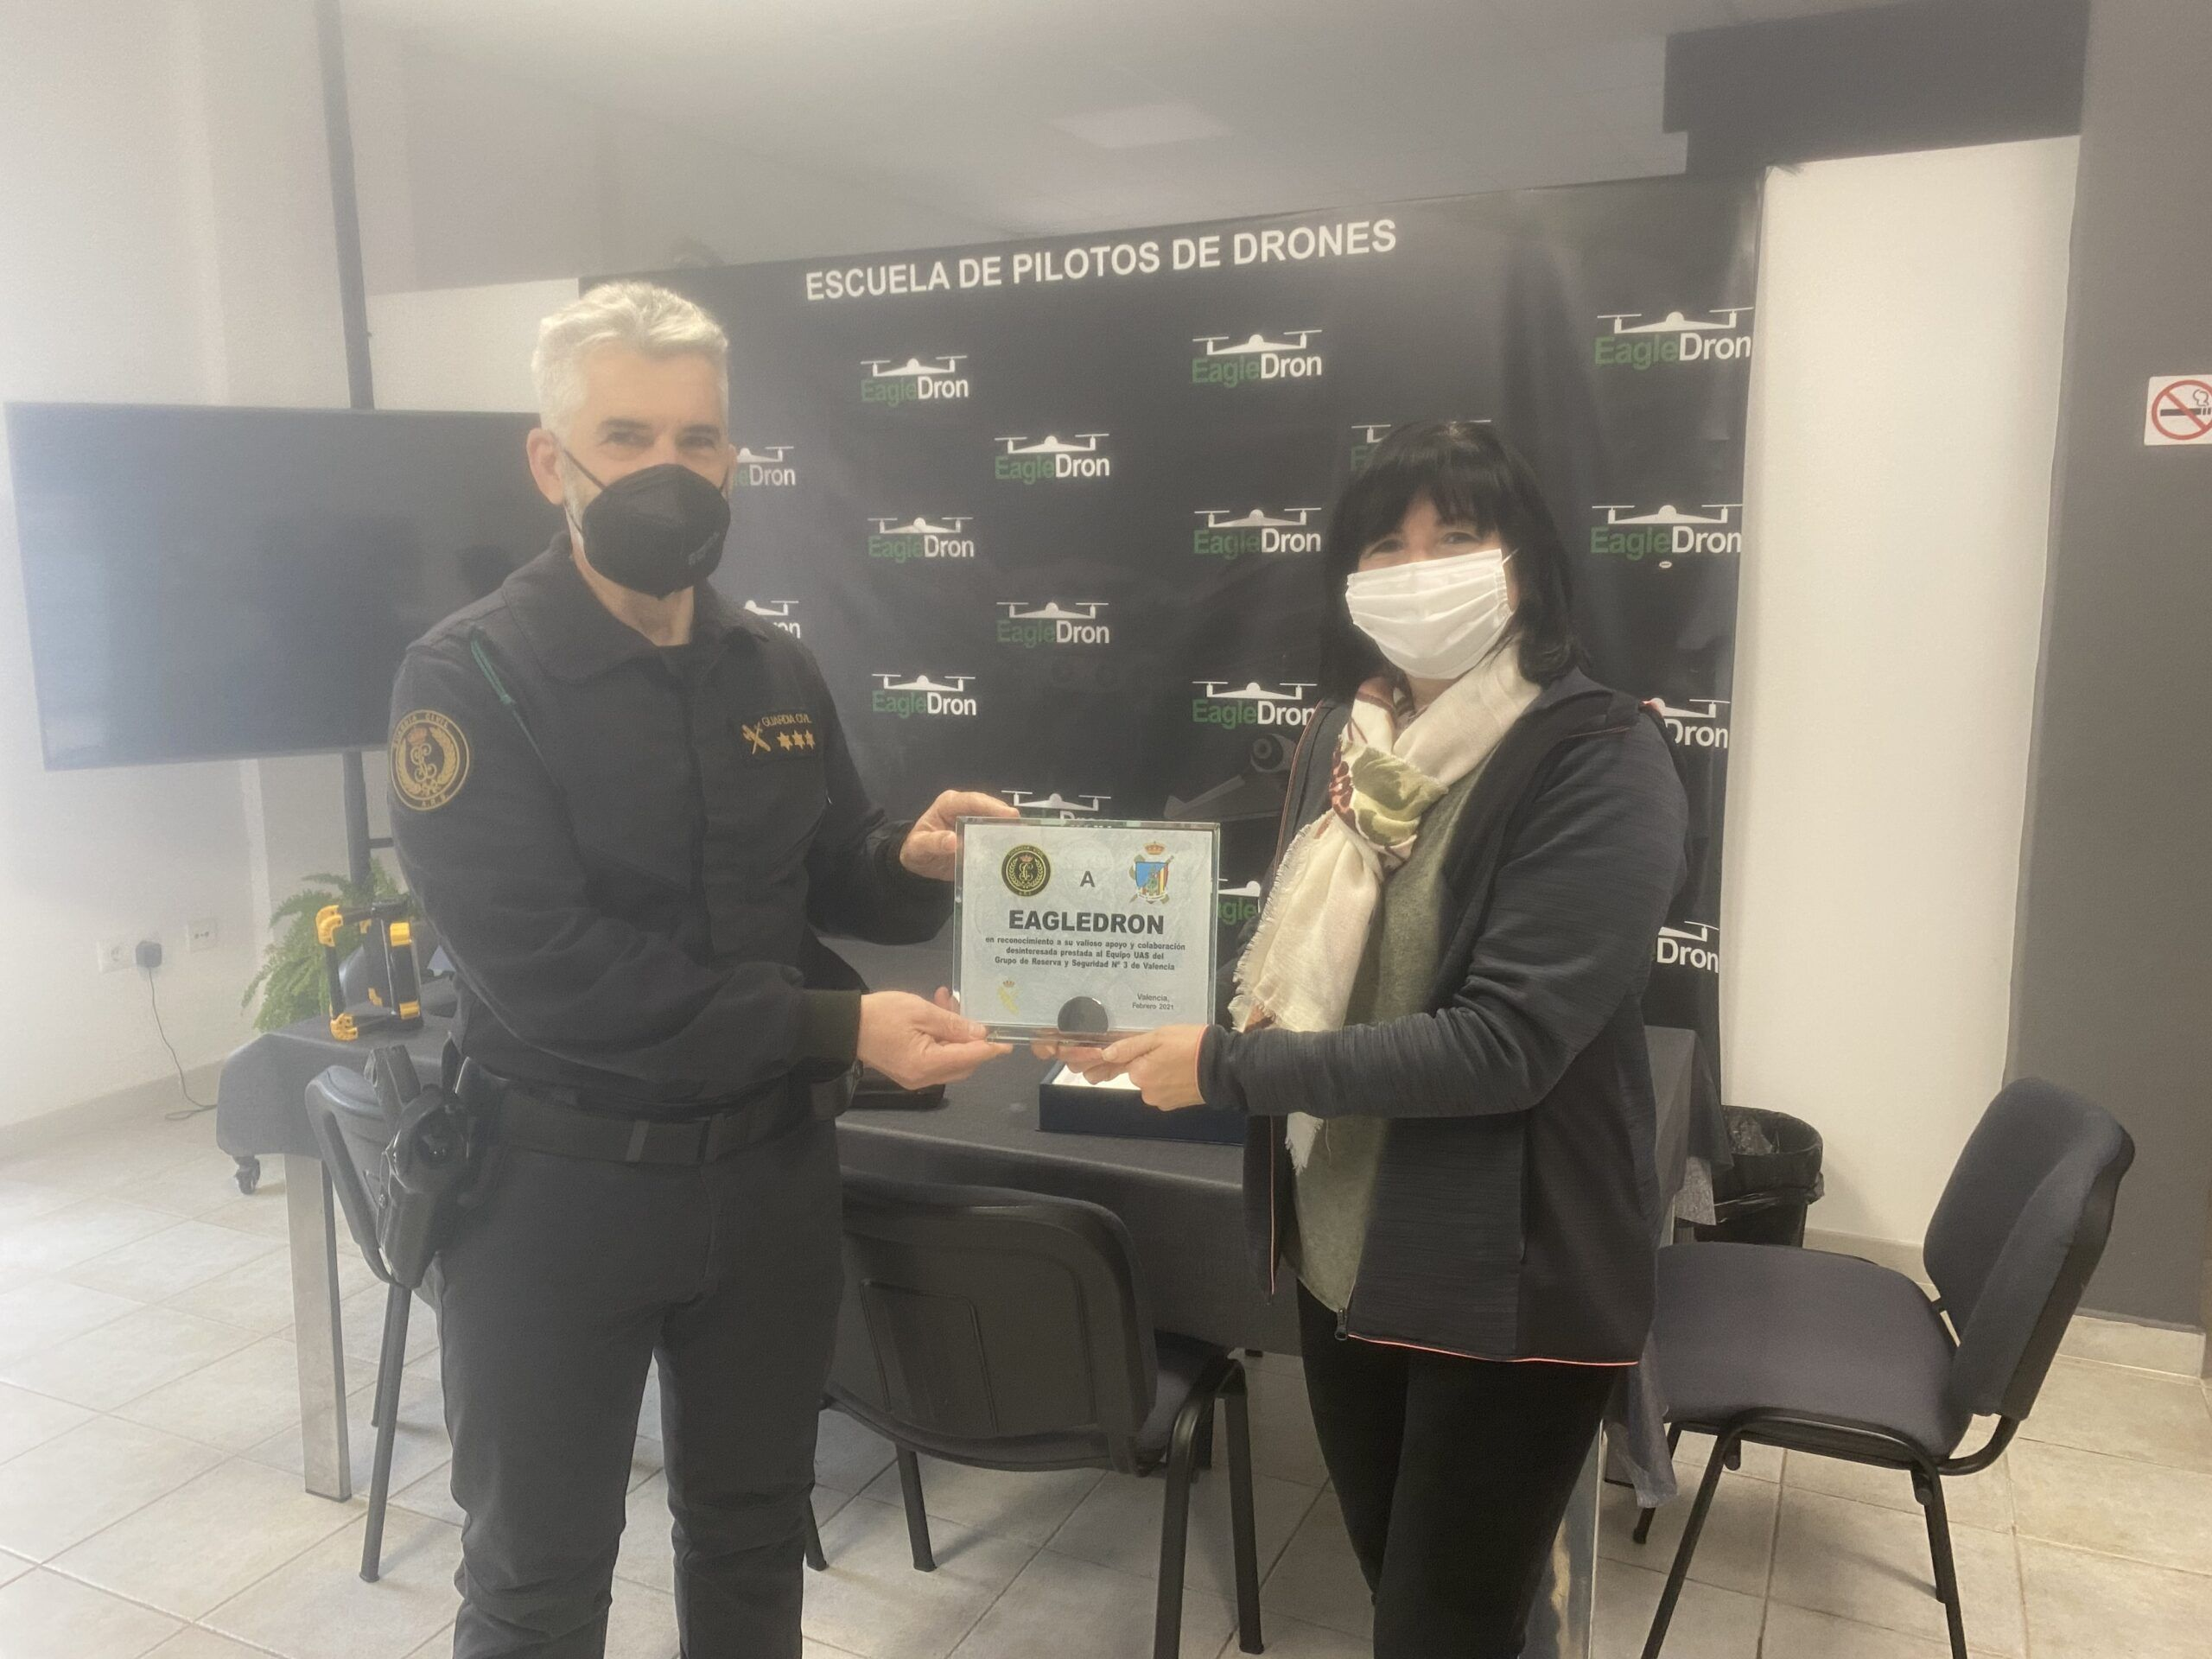 Entrega de la placa Guardia Civil en agradecimiento a EagleDron